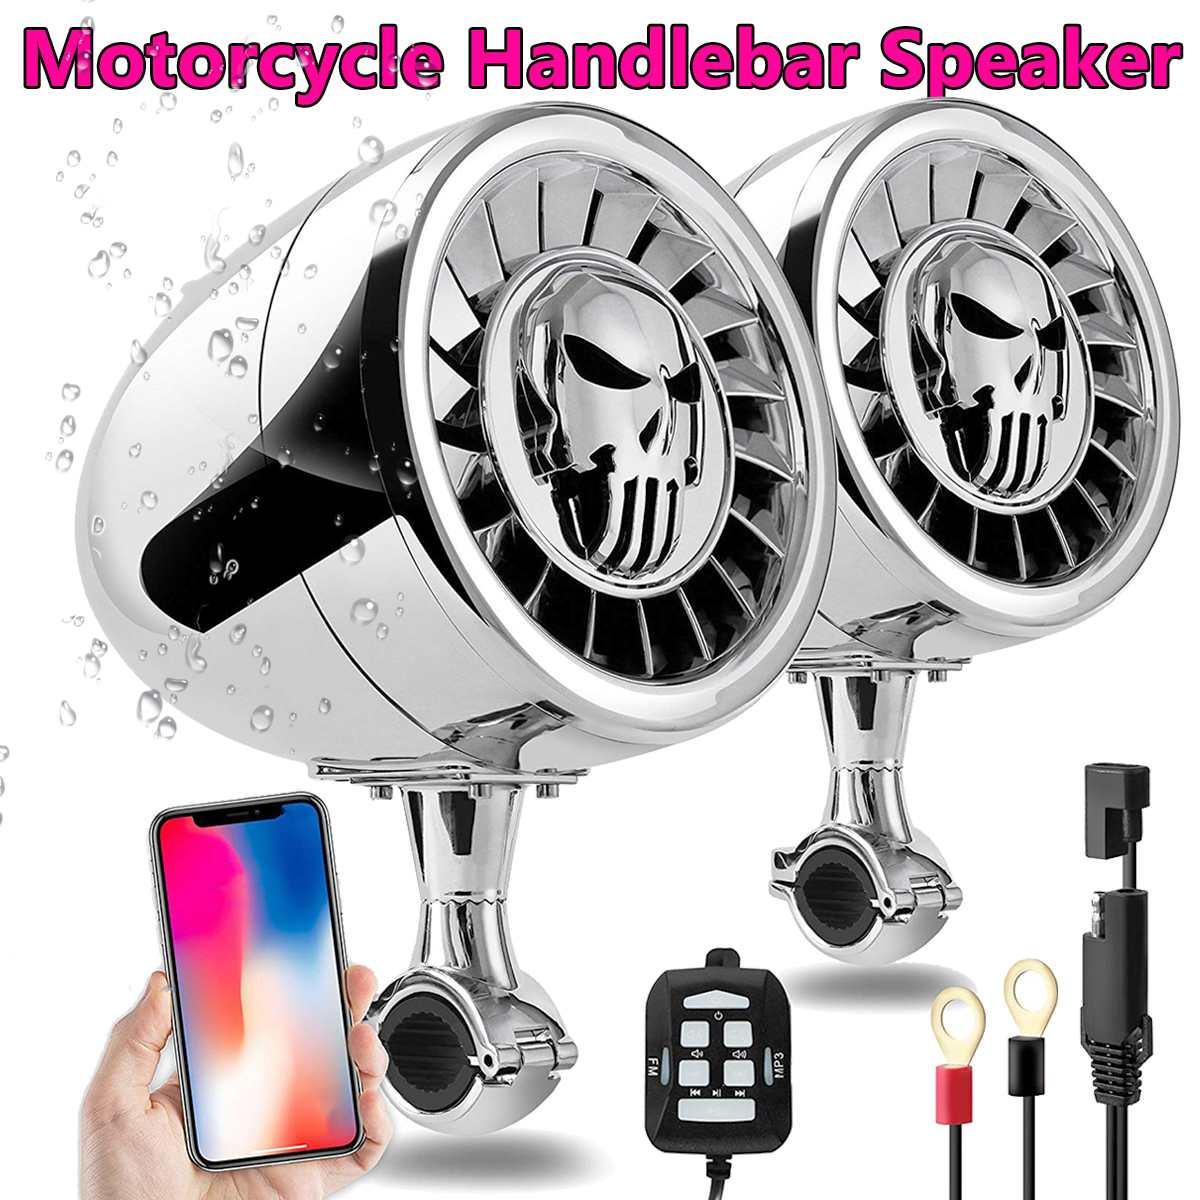 600 W 5 Inç MP3 Müzik Ses Çalar bluetooth Hoparlörler Için Motosiklet Su Geçirmez Taşınabilir Stereo Motos Ses Amp Sistemi